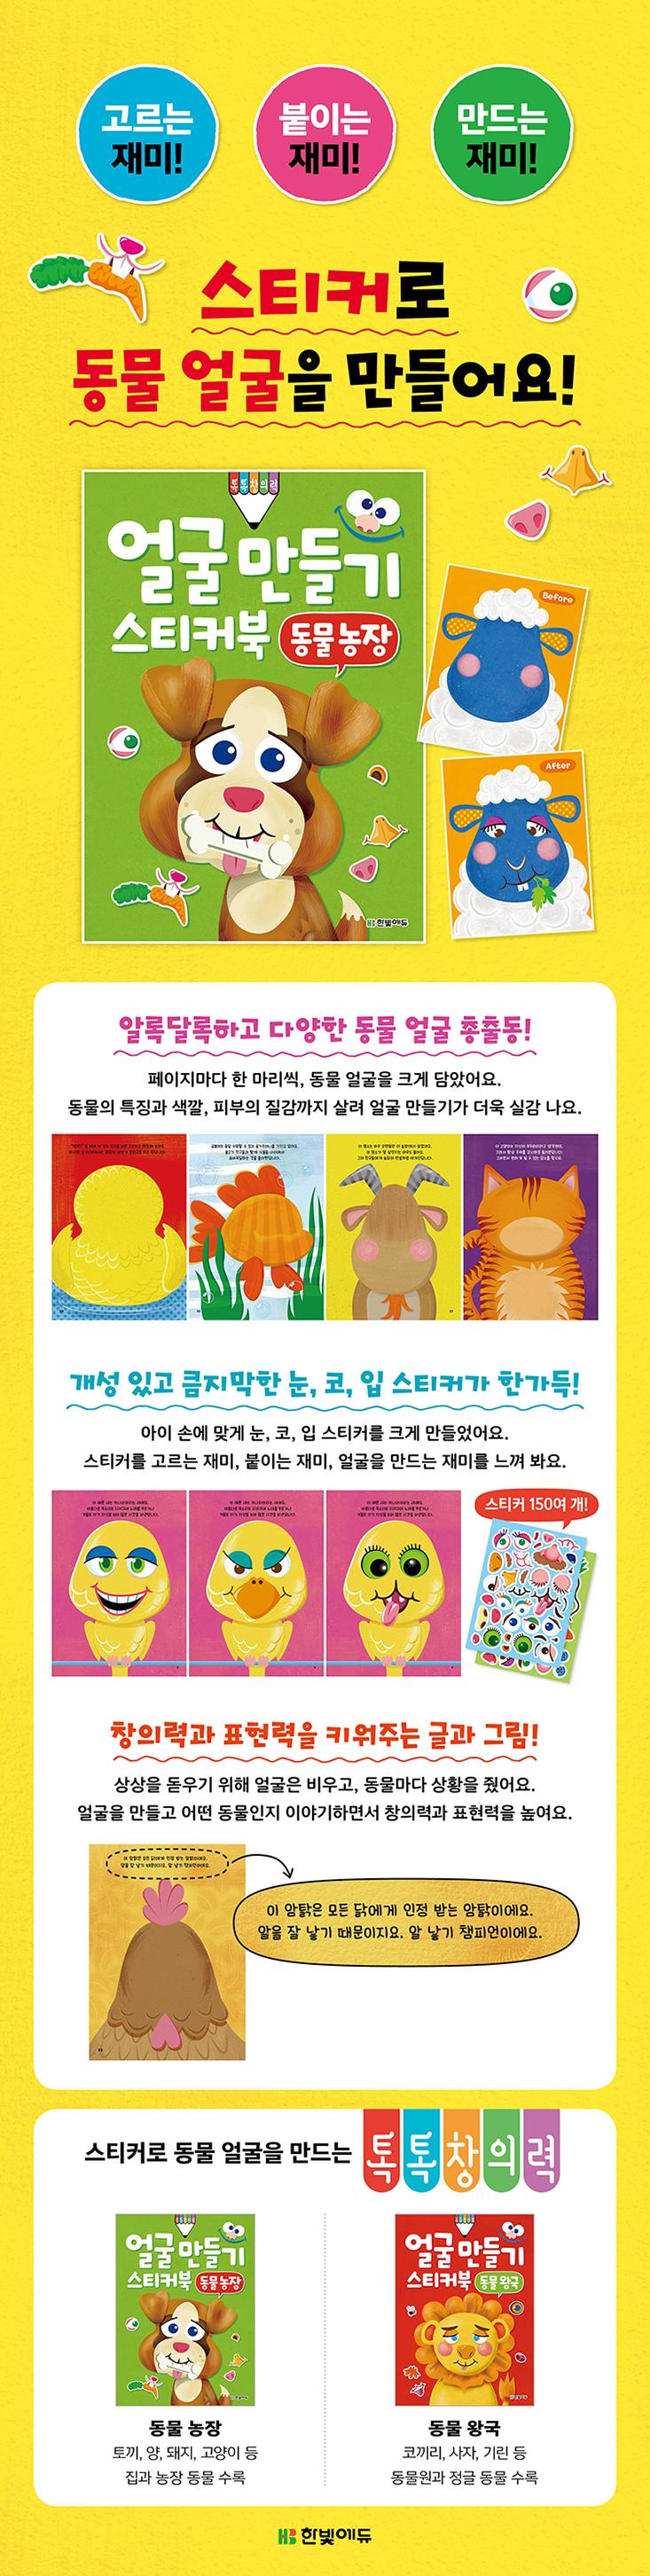 얼굴만들기 스티커북_02 동물농장_상세이미지 733픽셀.jpg